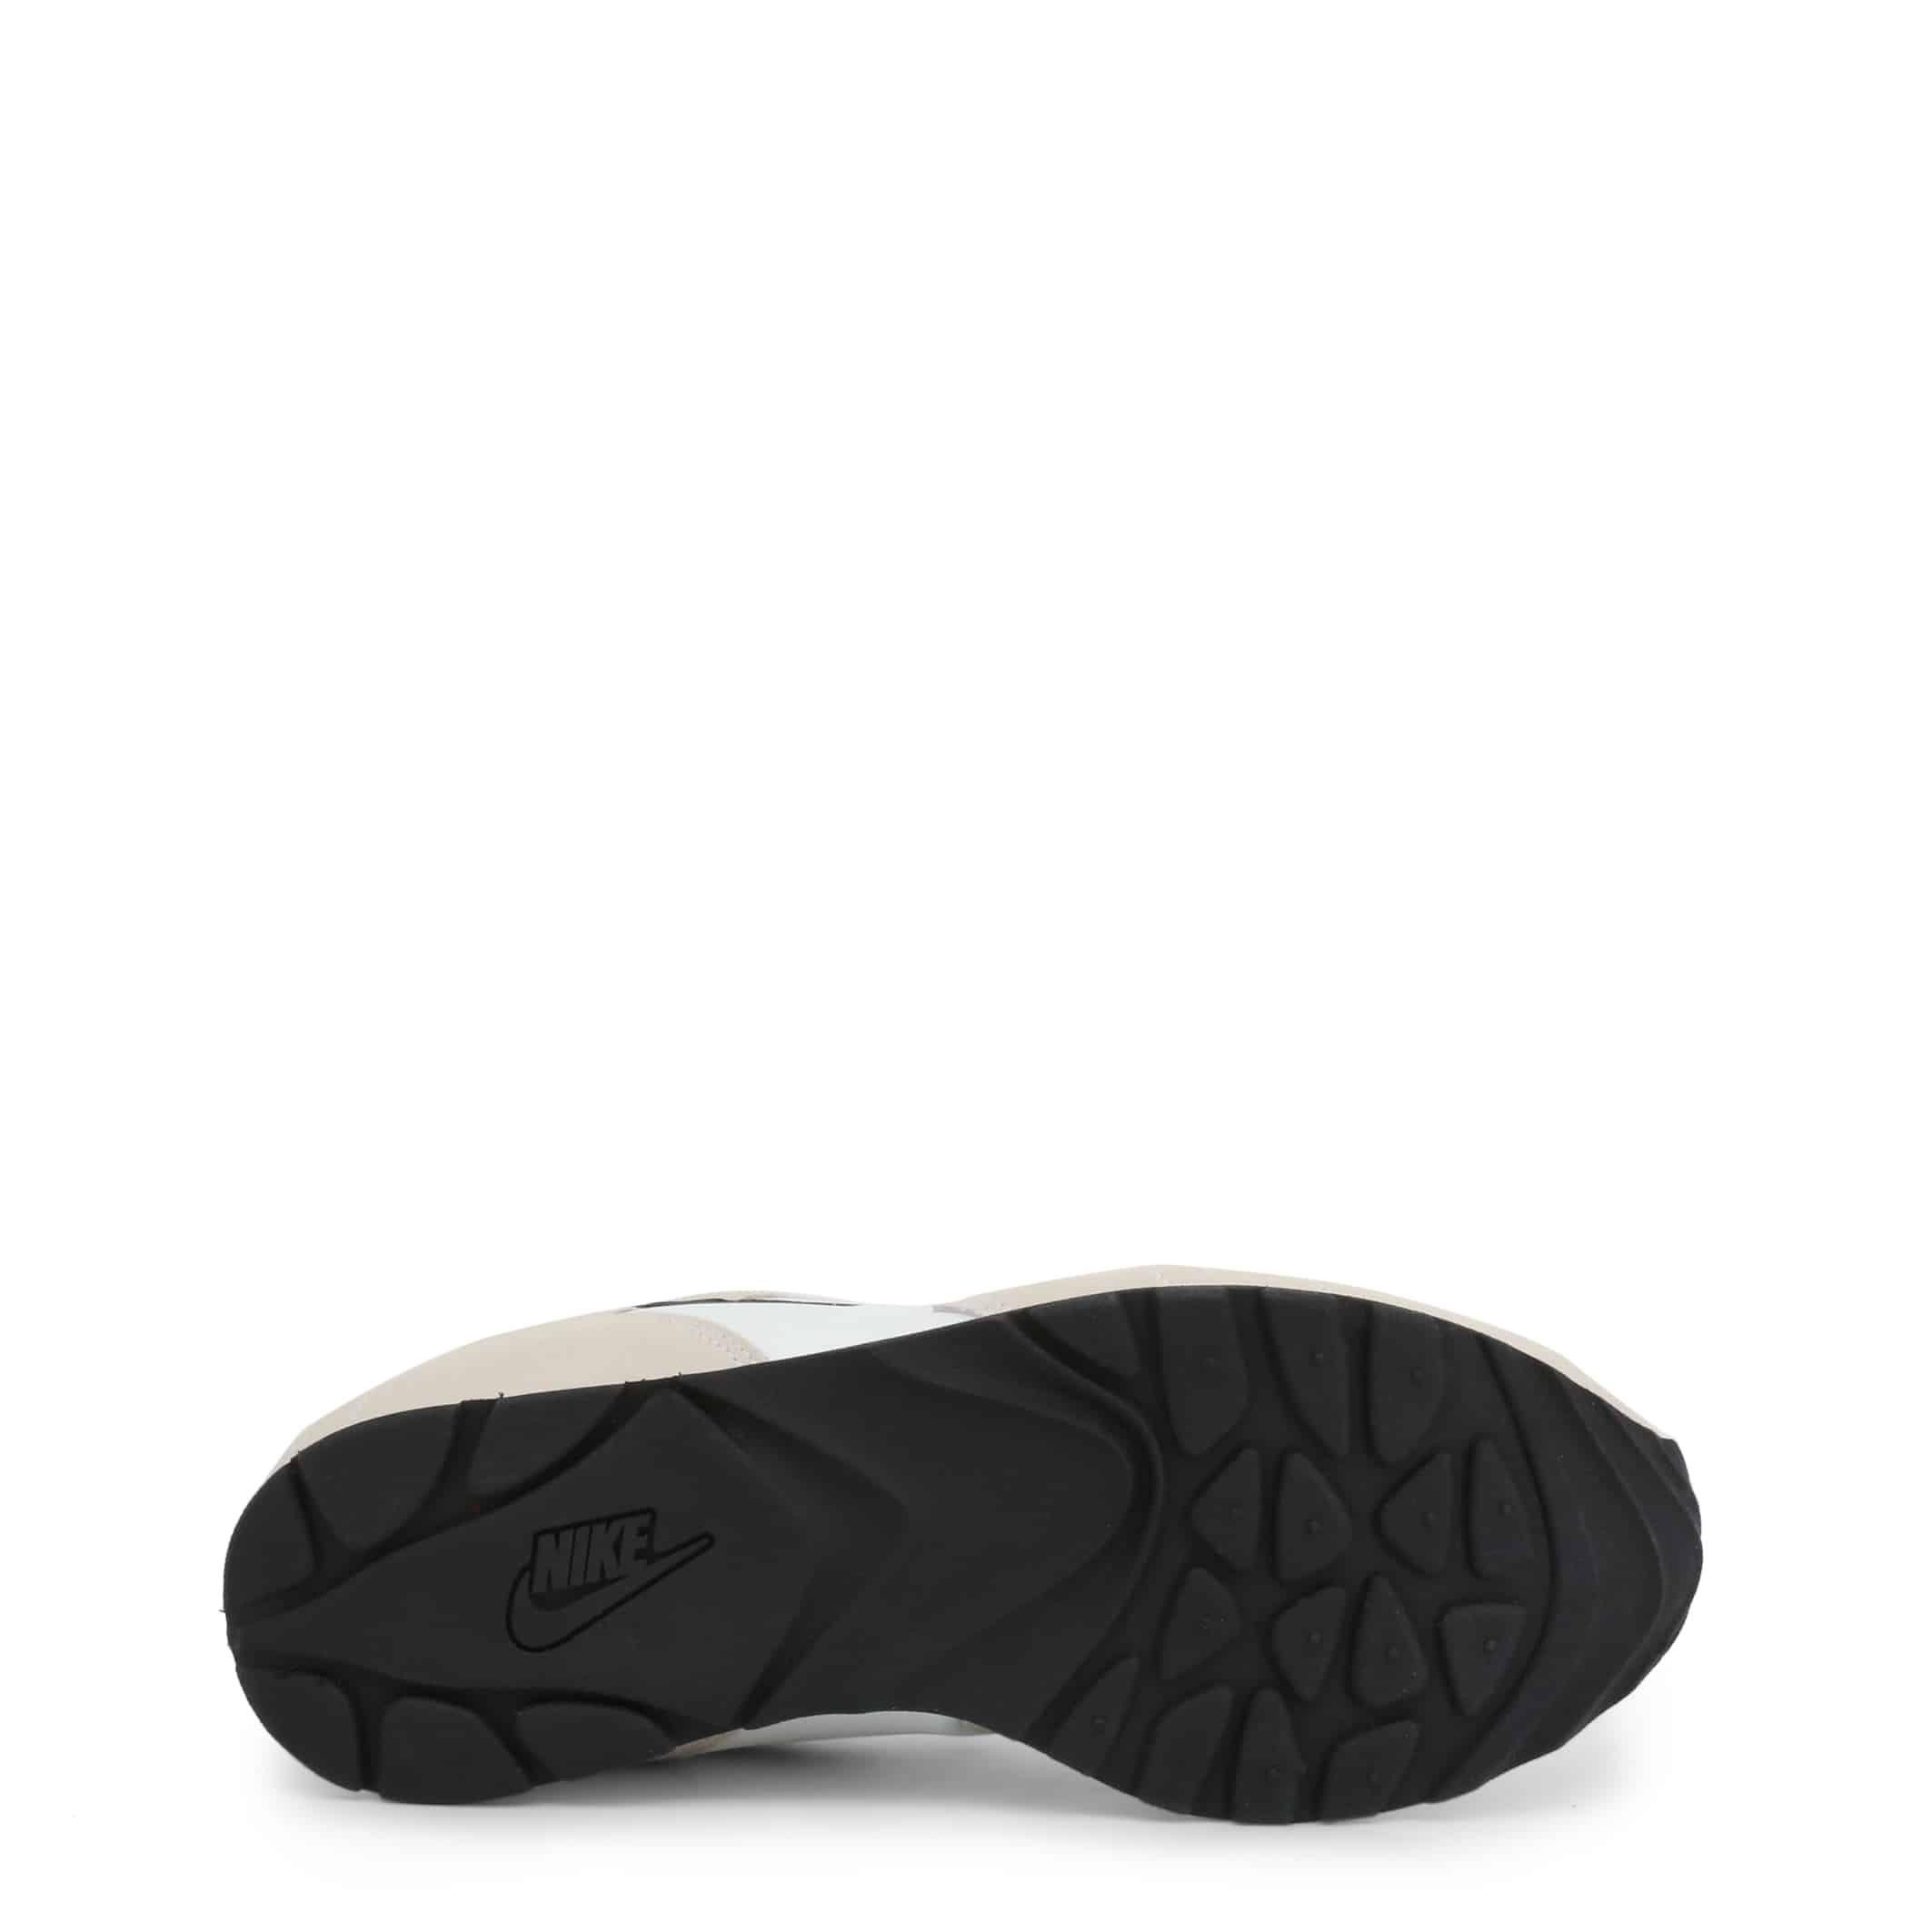 Sneakers Nike – Wmns-Outburst